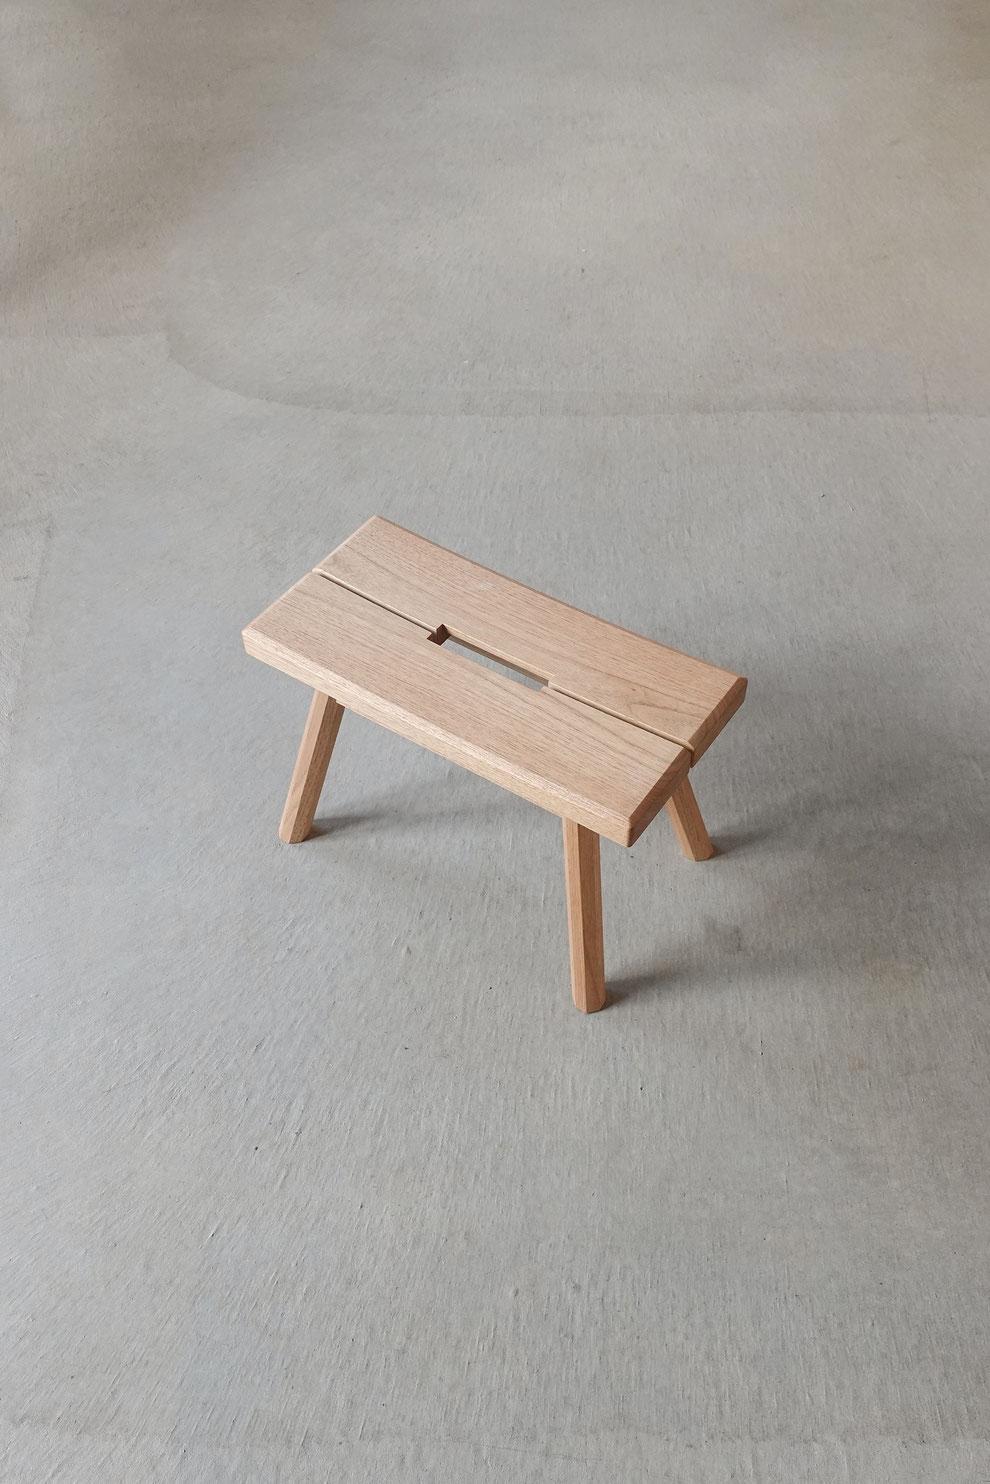 クラスコファニチャー オリジナル家具 スツール 無垢材 オイル仕上げ